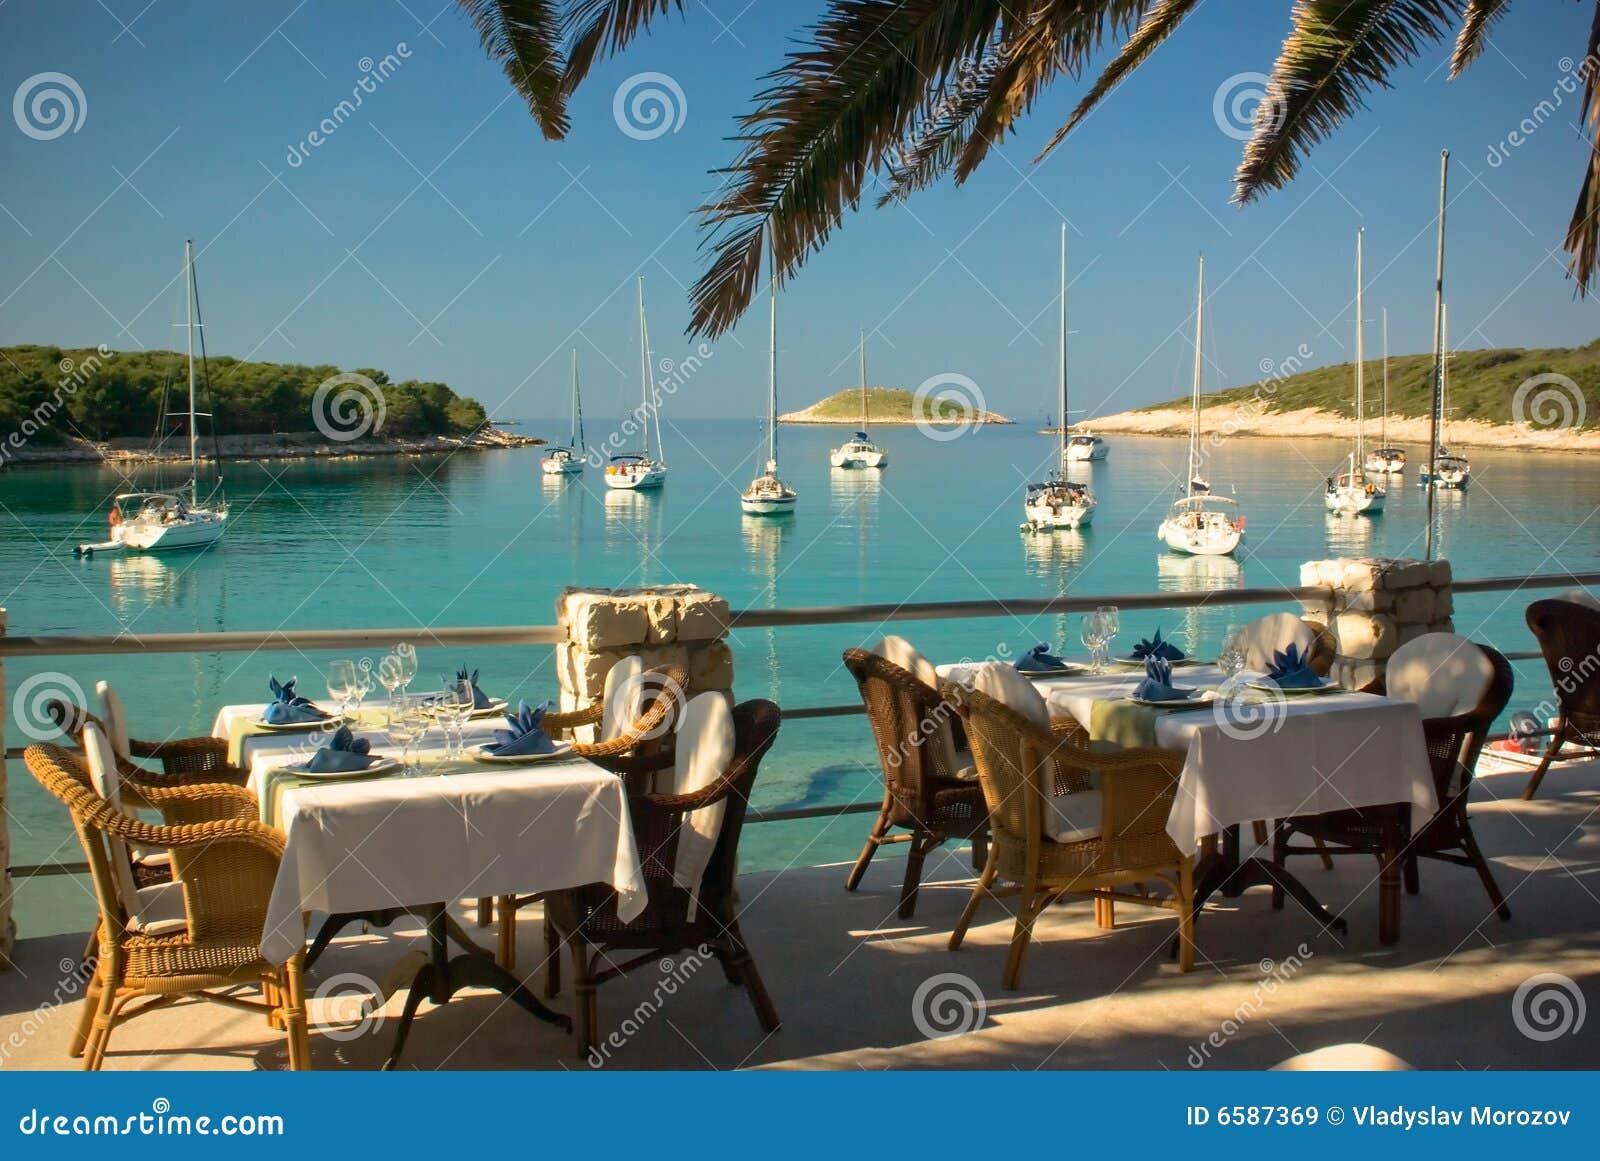 Plaisance de tables servie par restaurant de club de plage